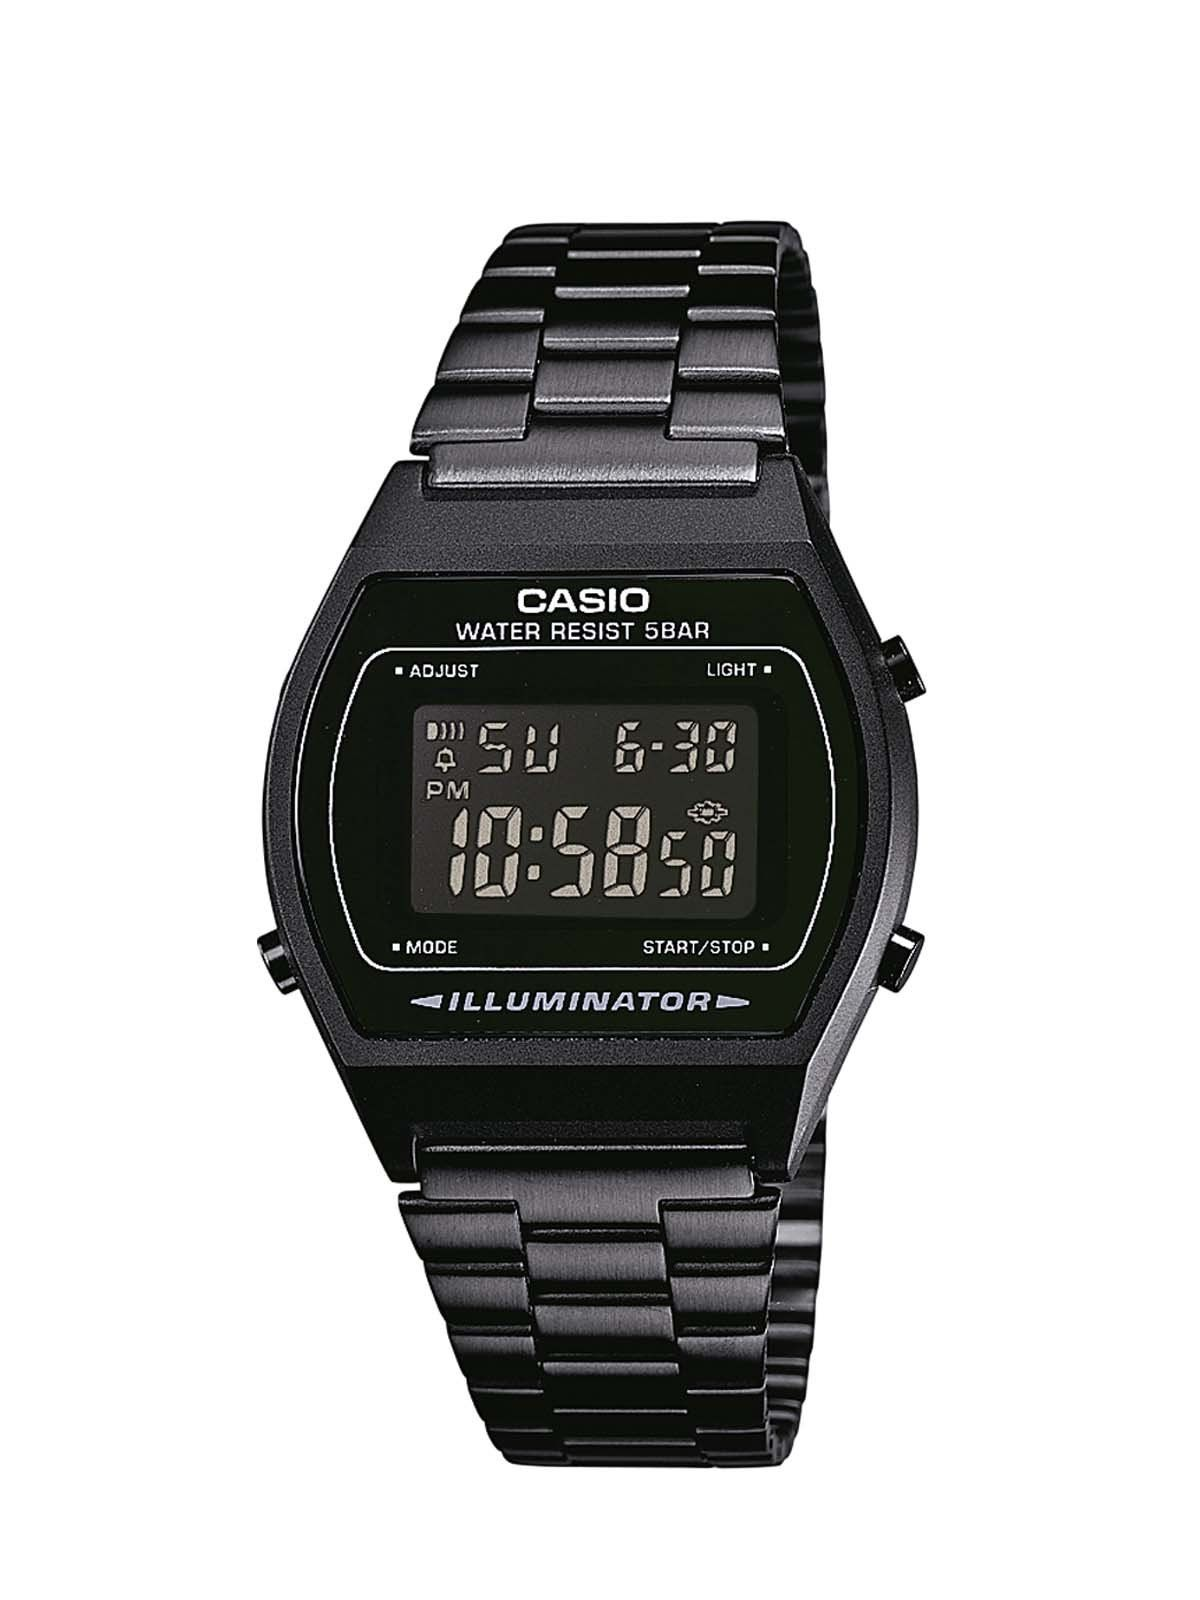 42b1c3437a18 Casio B640WB-1BEF - Reloj analógico de cuarzo unisex con correa de acero  inoxidable